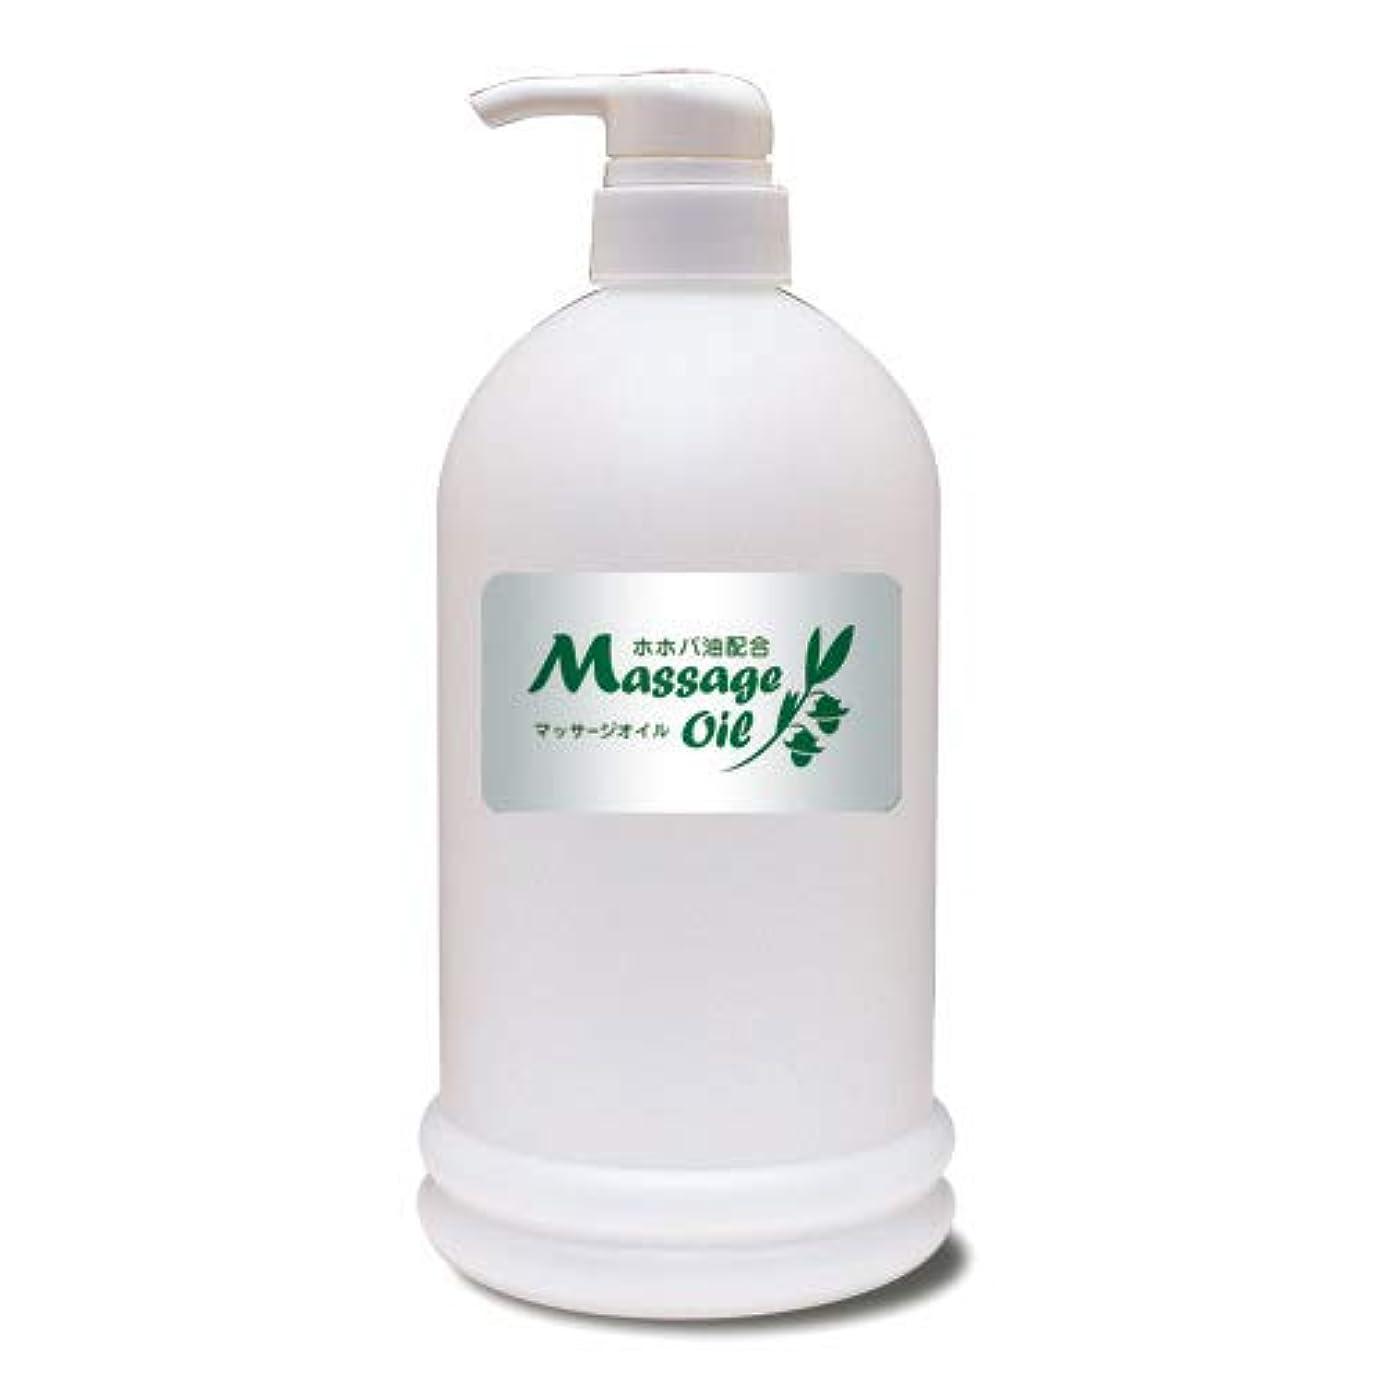 ホホバ油配合マッサージオイル 1Lボトル│エステ店御用達のプロ仕様業務用マッサージオイル 大容量 ホホバオイル